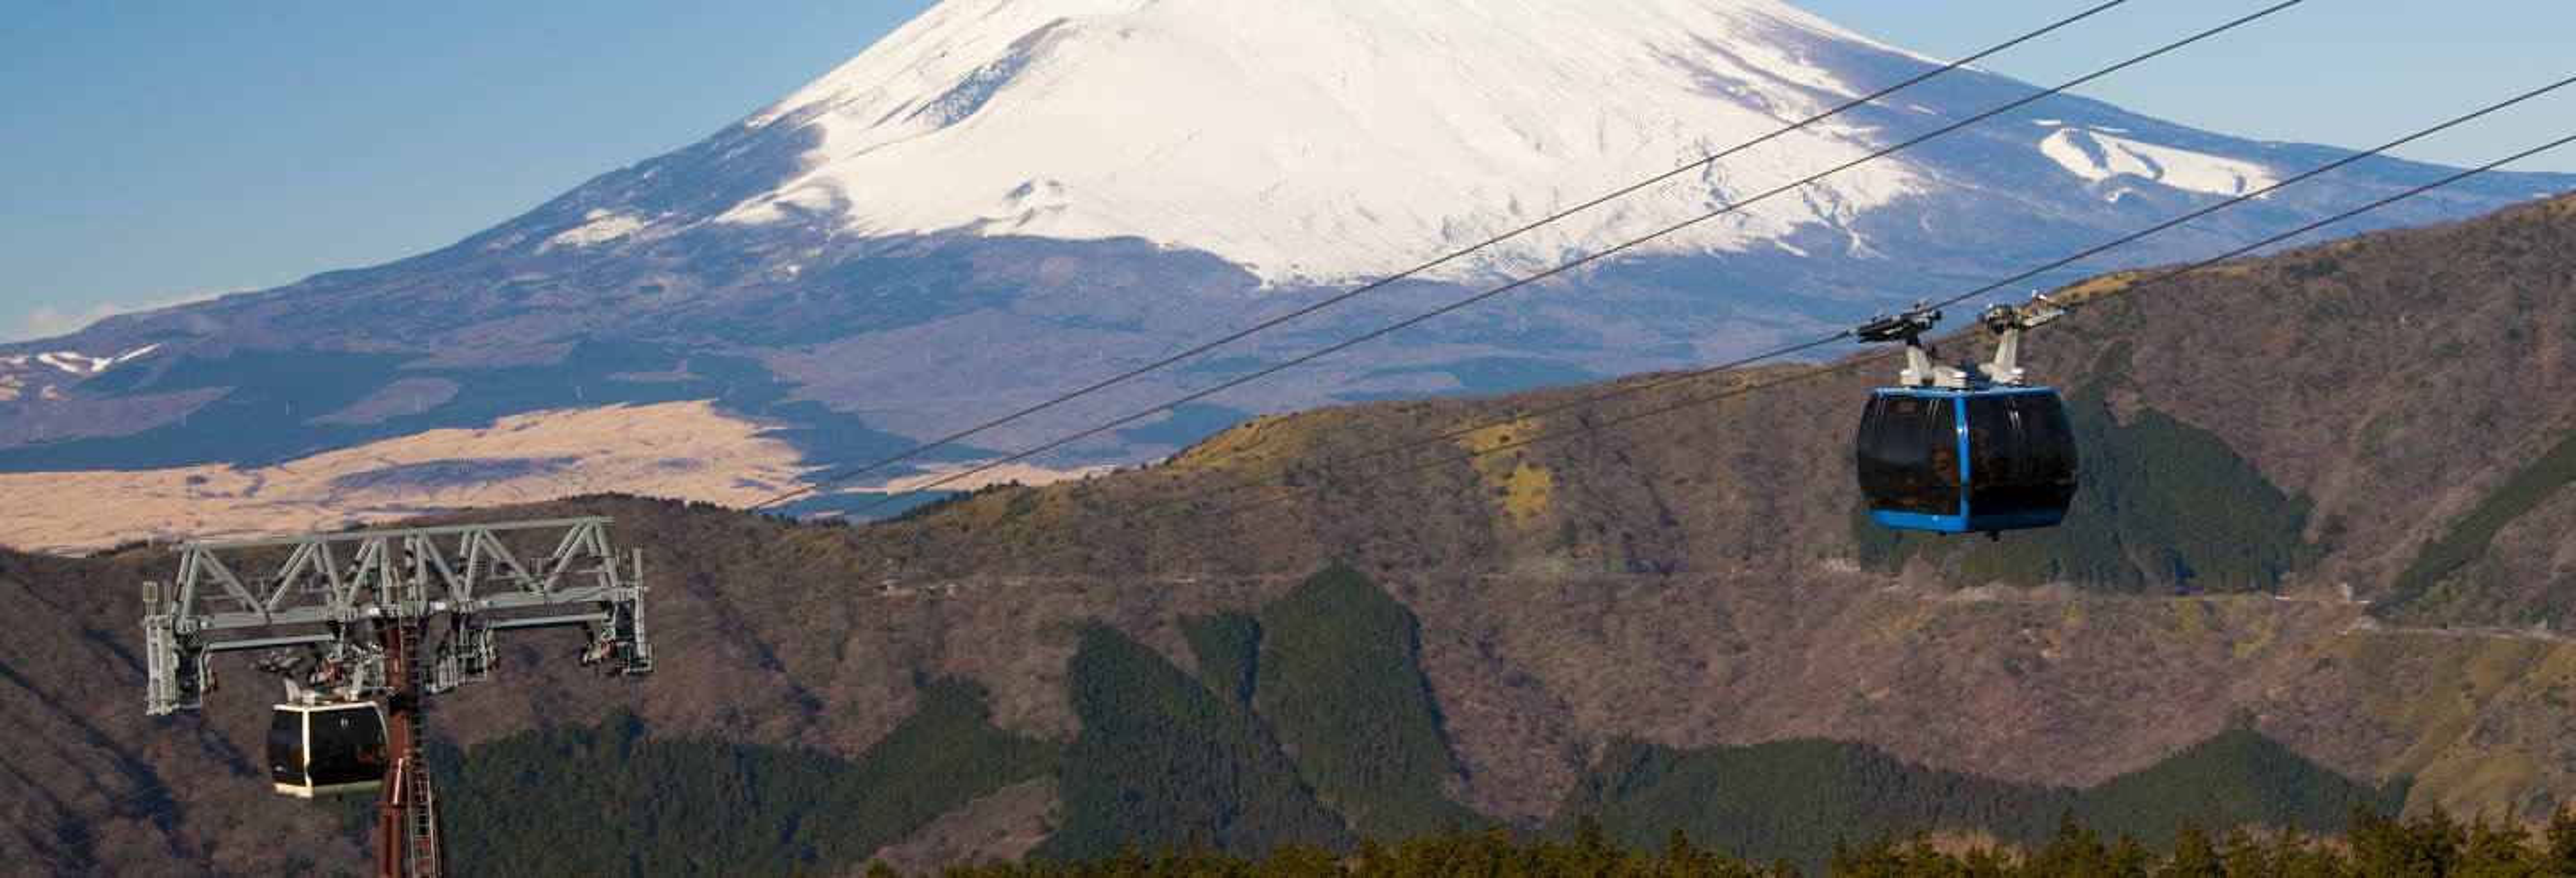 Escursione ad Hakone e belvedere del Monte Fuji